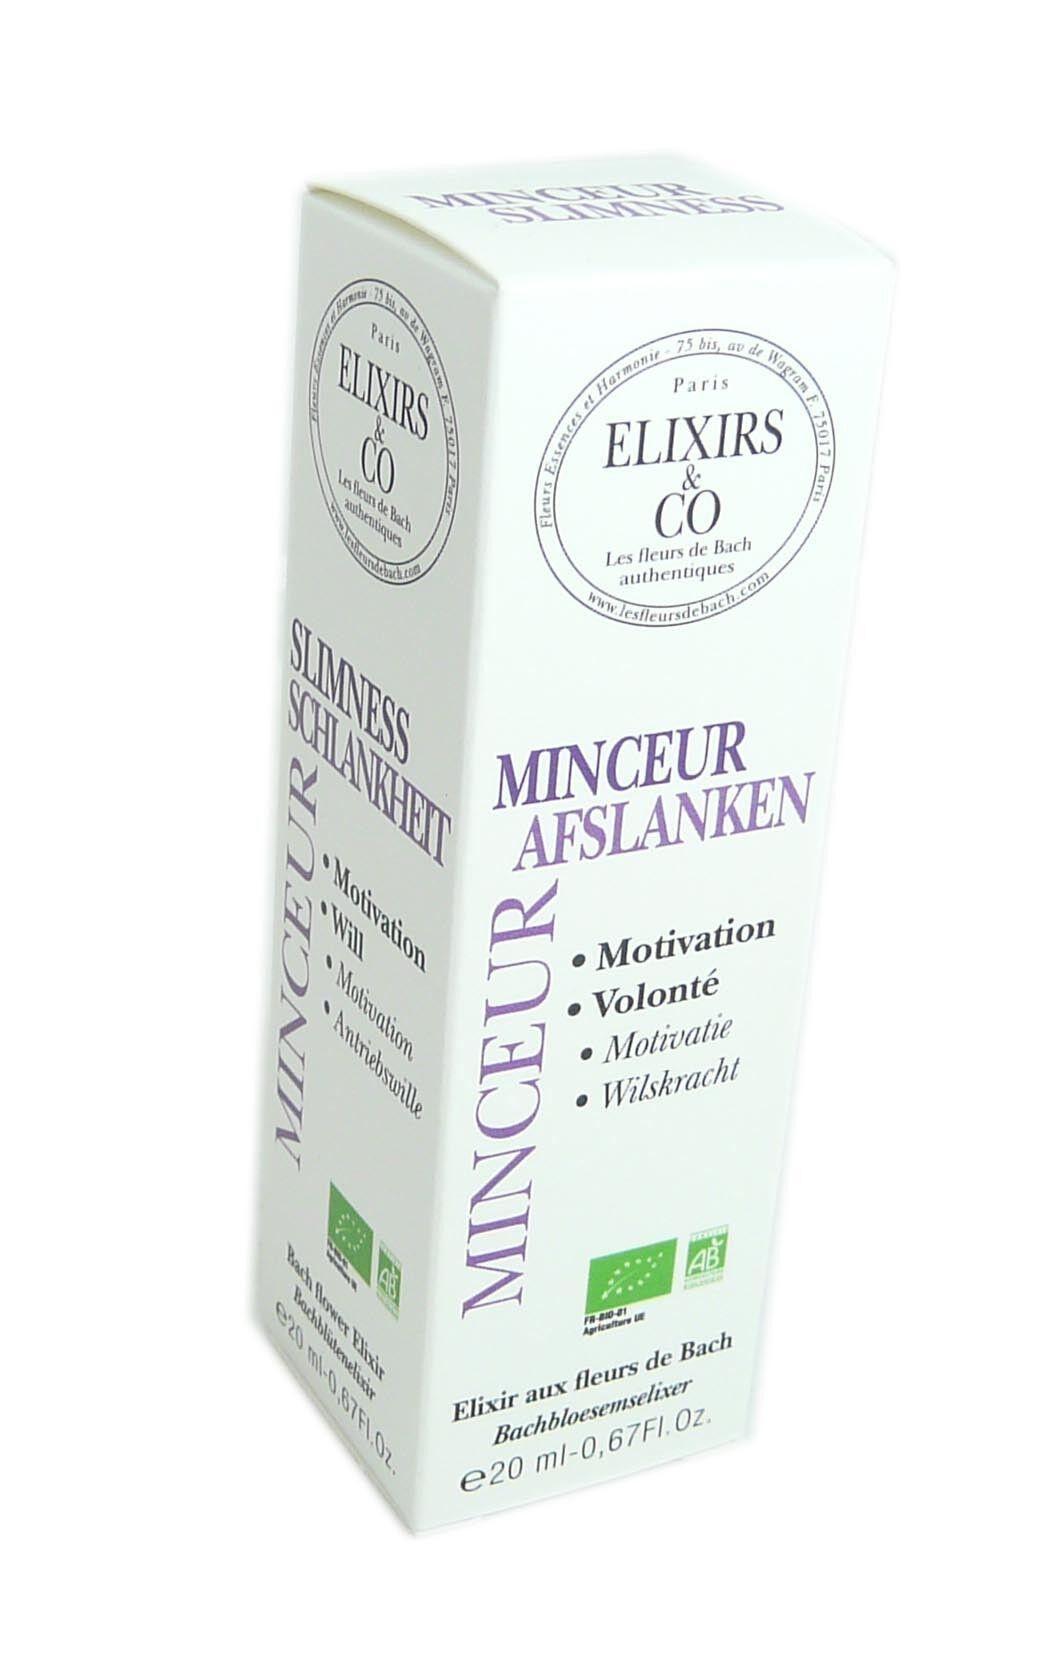 Elixirs & co fleurs de bach minceur 20ml